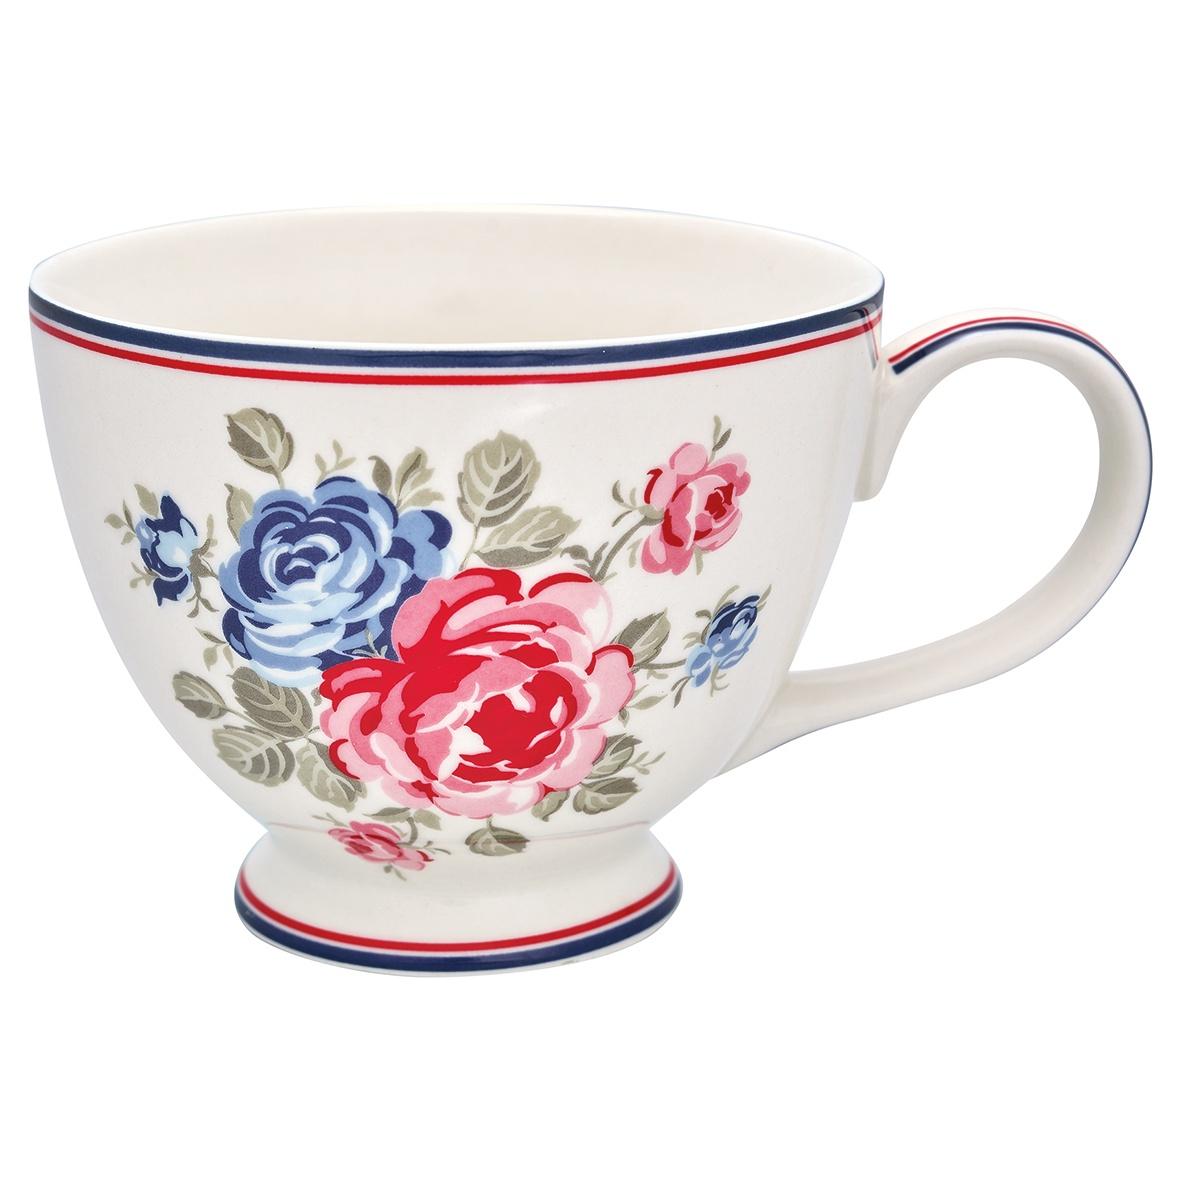 Фото - Чайная чашка Greengate Hailey white STWTECHAI0106, белый, 400 мл [супермаркет] jingdong геб scybe фил приблизительно круглая чашка установлена в вертикальном положении стеклянной чашки 290мла 6 z